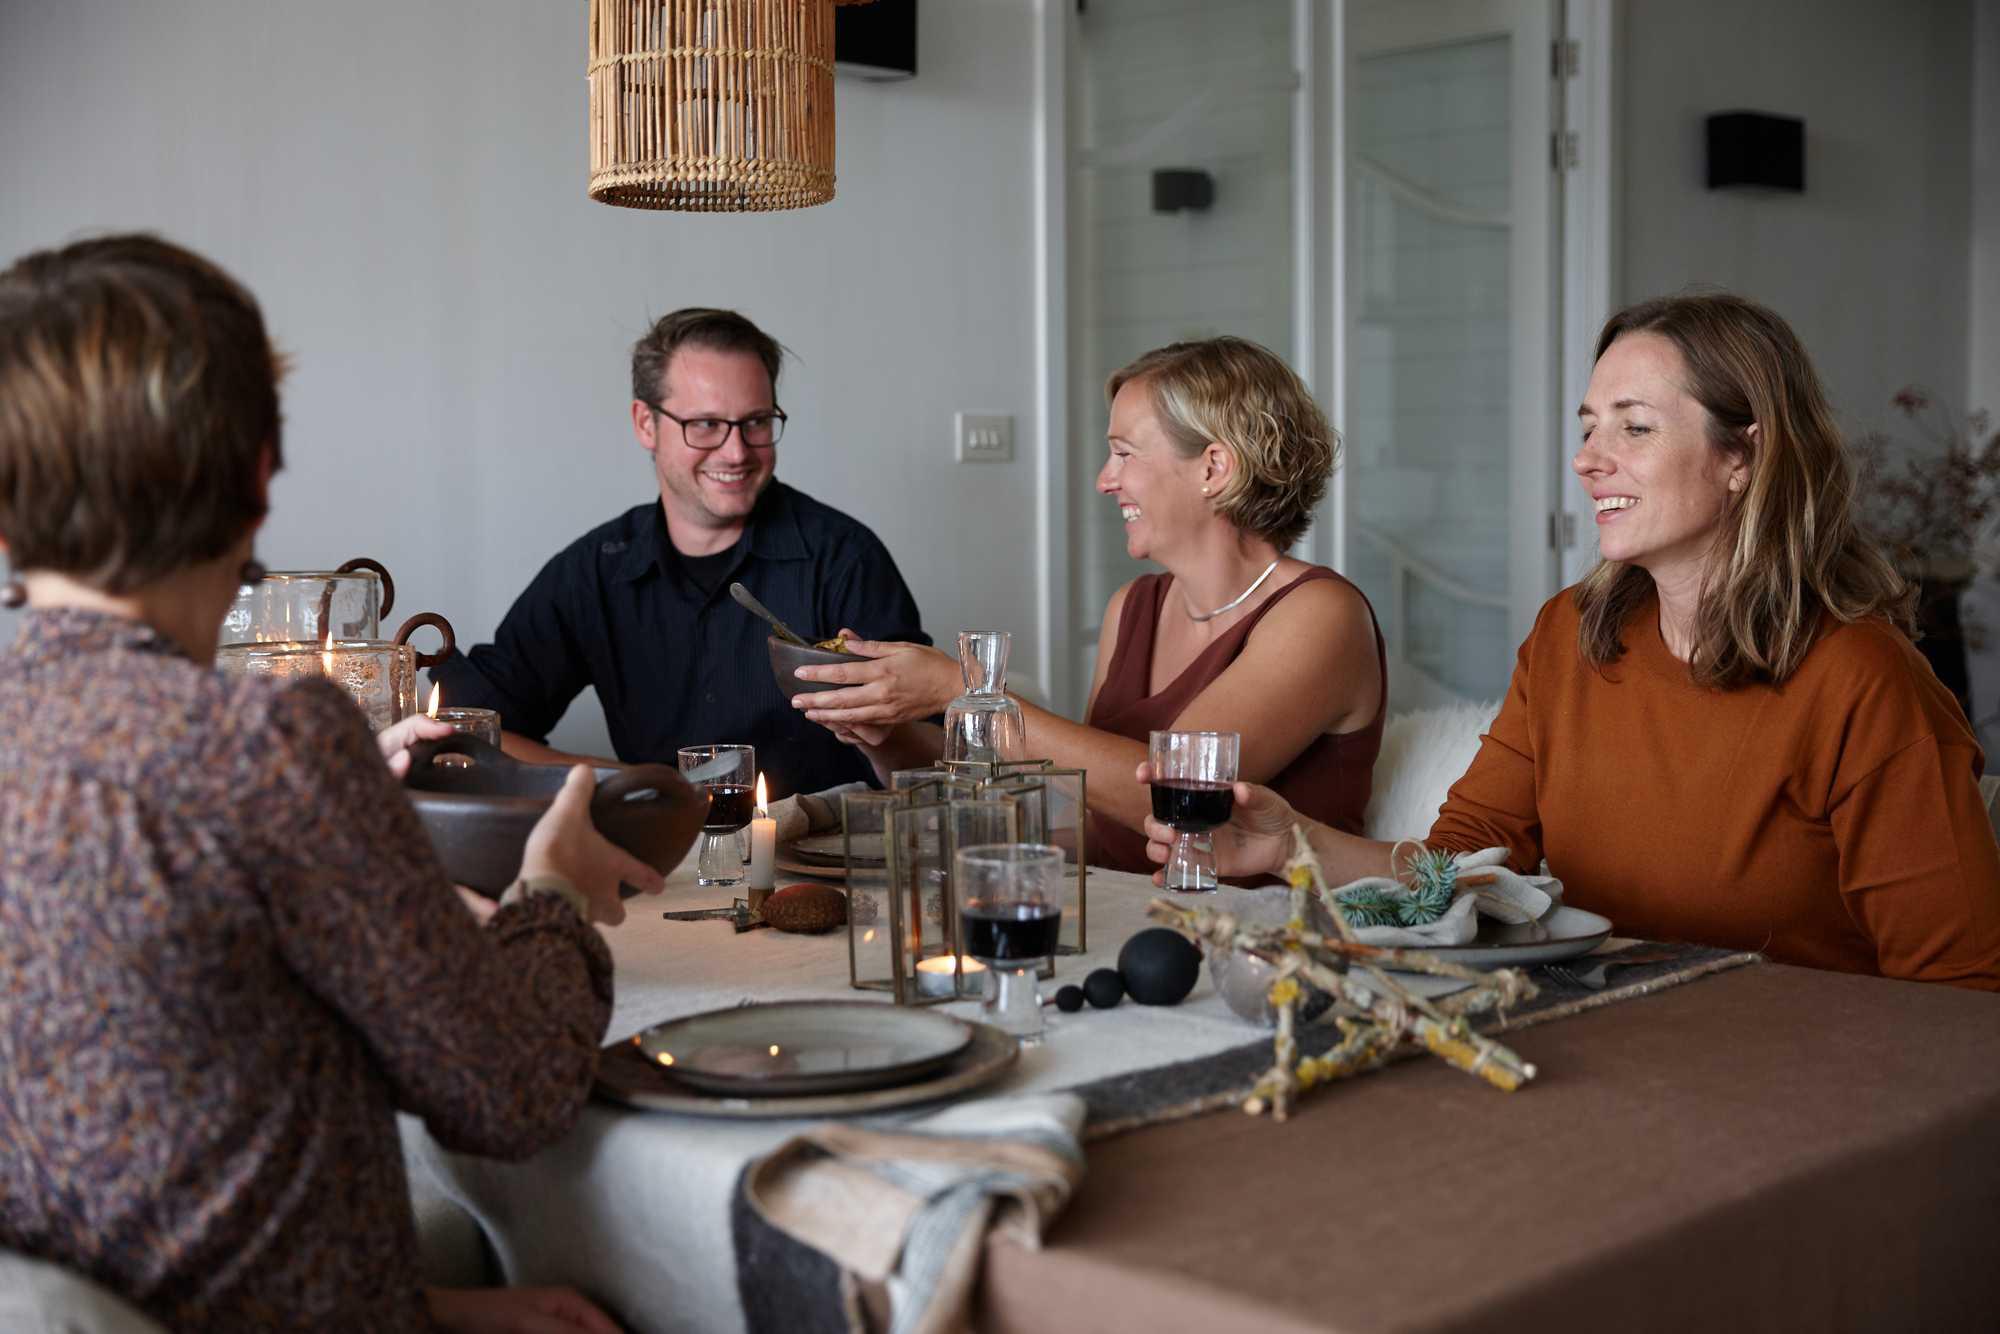 kerstspecial kerstshoot tafelen